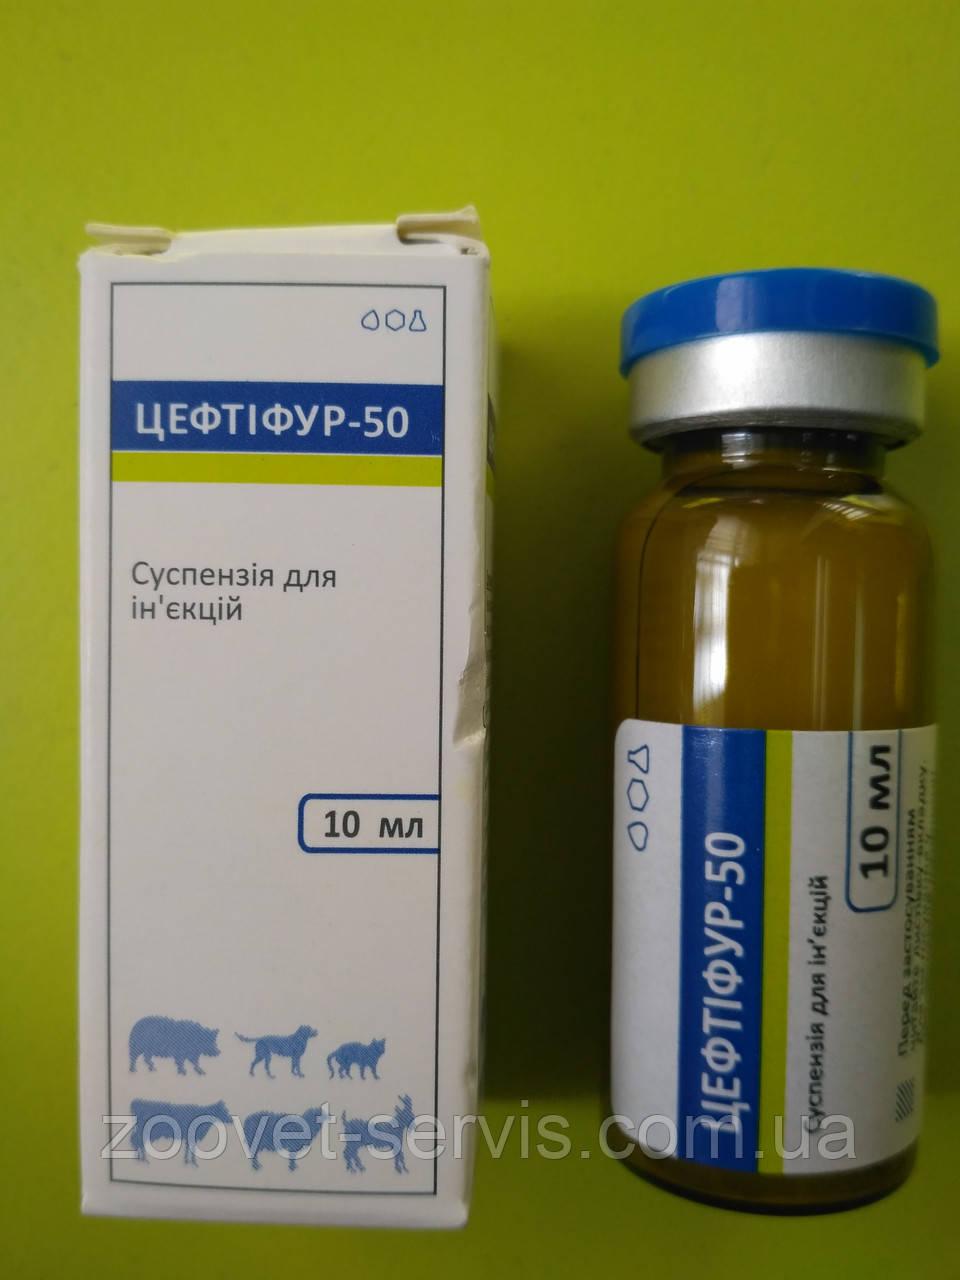 Цефтиофур-50 инъеционная суспензия для собак